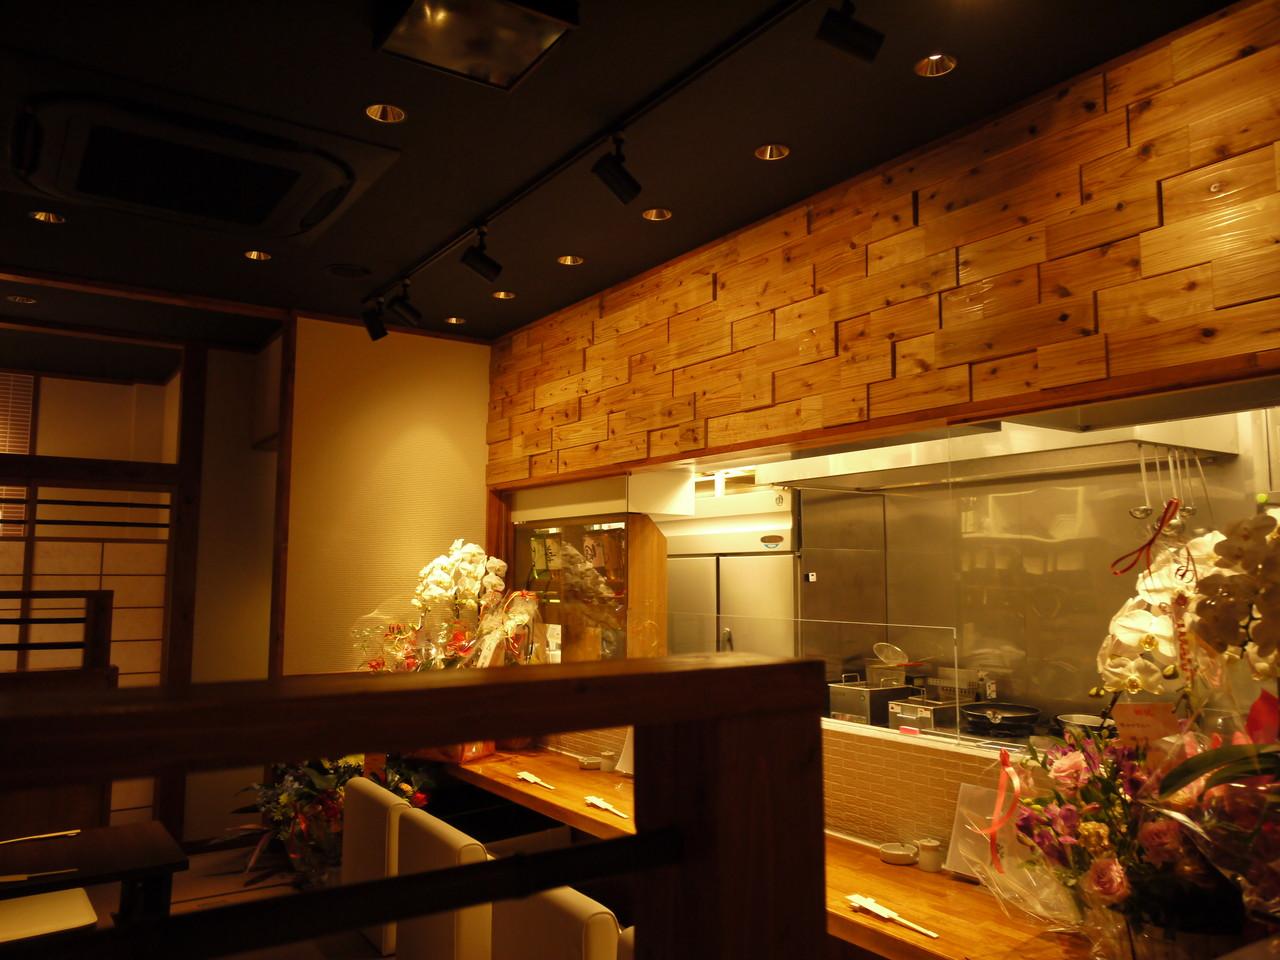 ■ ガラス越しに厨房と隣接したカウンター席